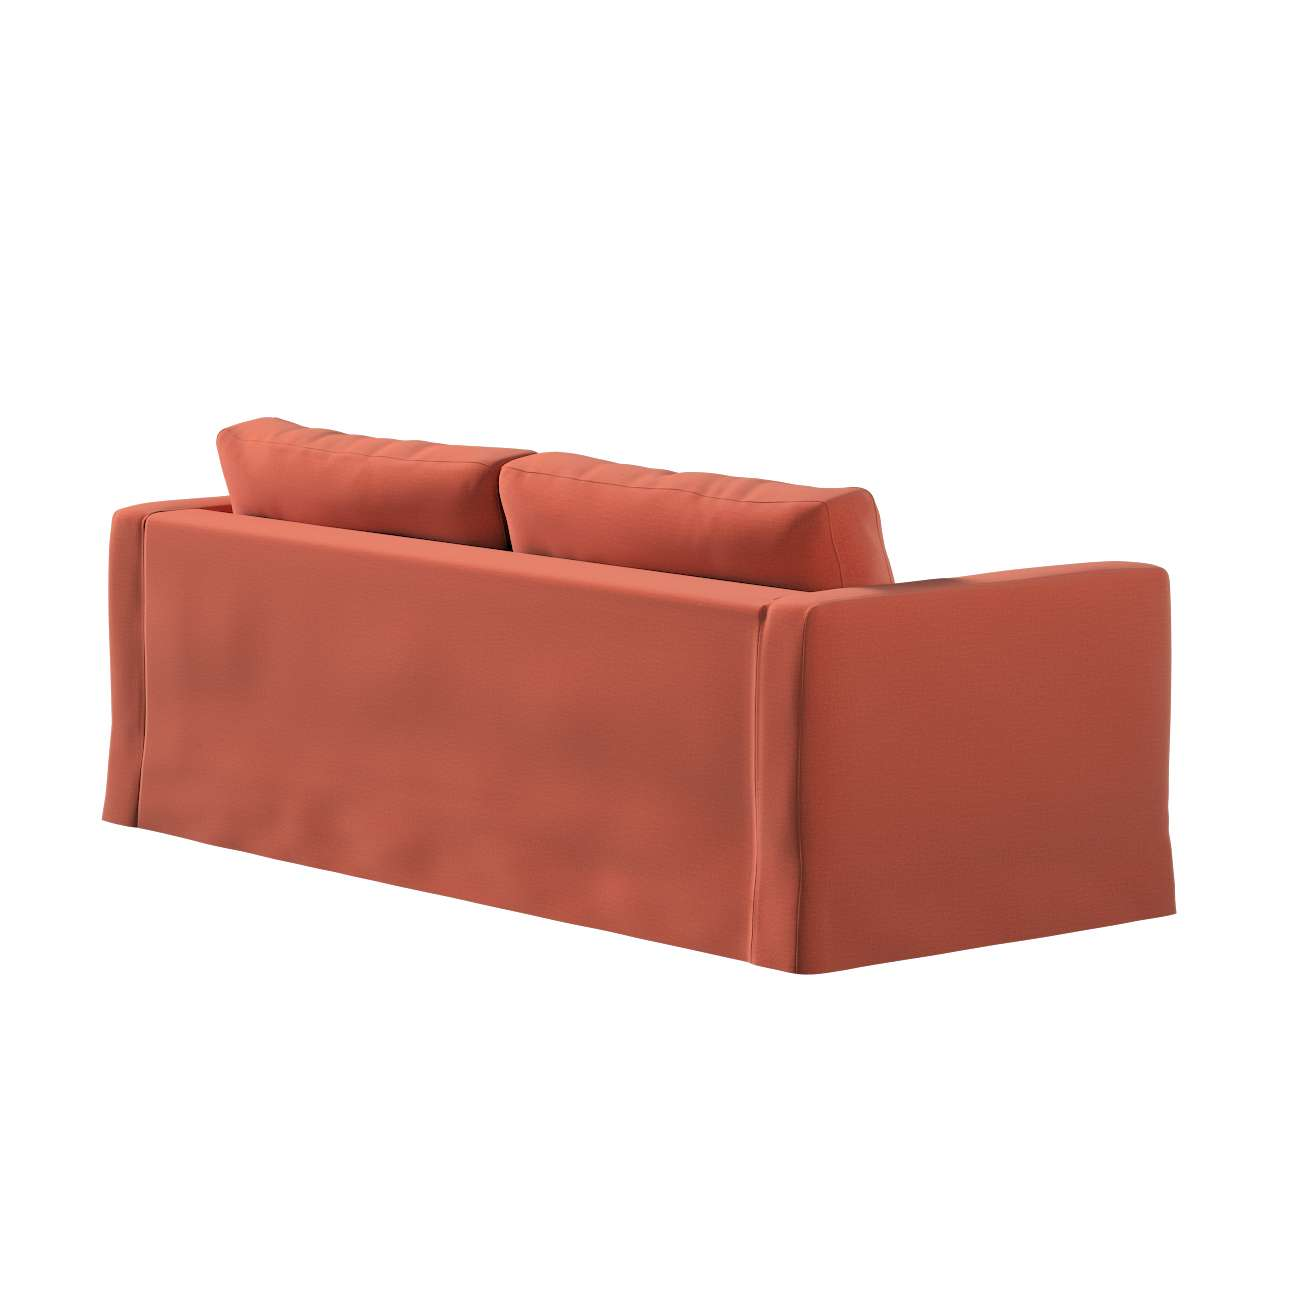 Potah na pohovku IKEA  Karlstad 3-místná, nerozkládací, dlouhý v kolekci Ingrid, látka: 705-37